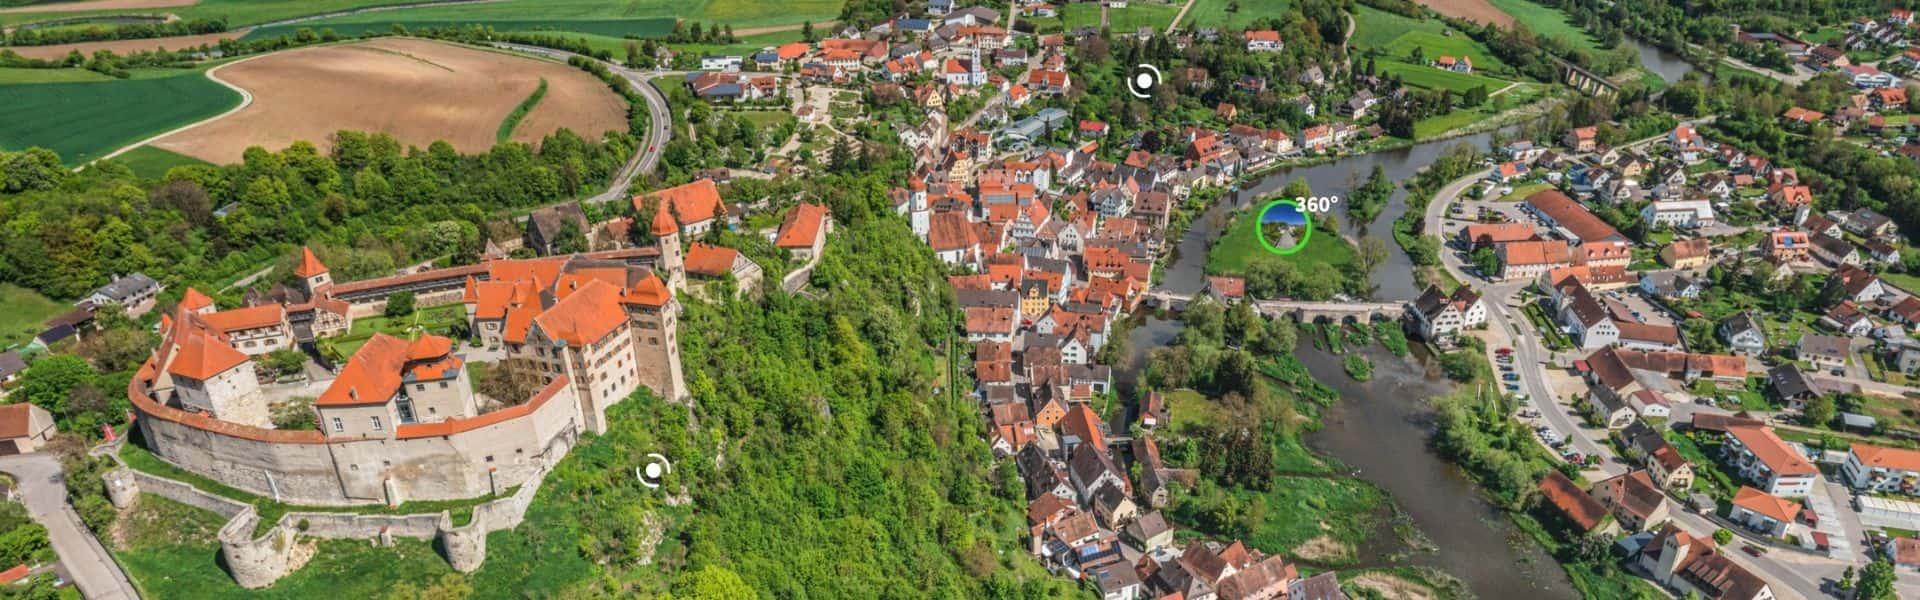 Harburg aus der Luft